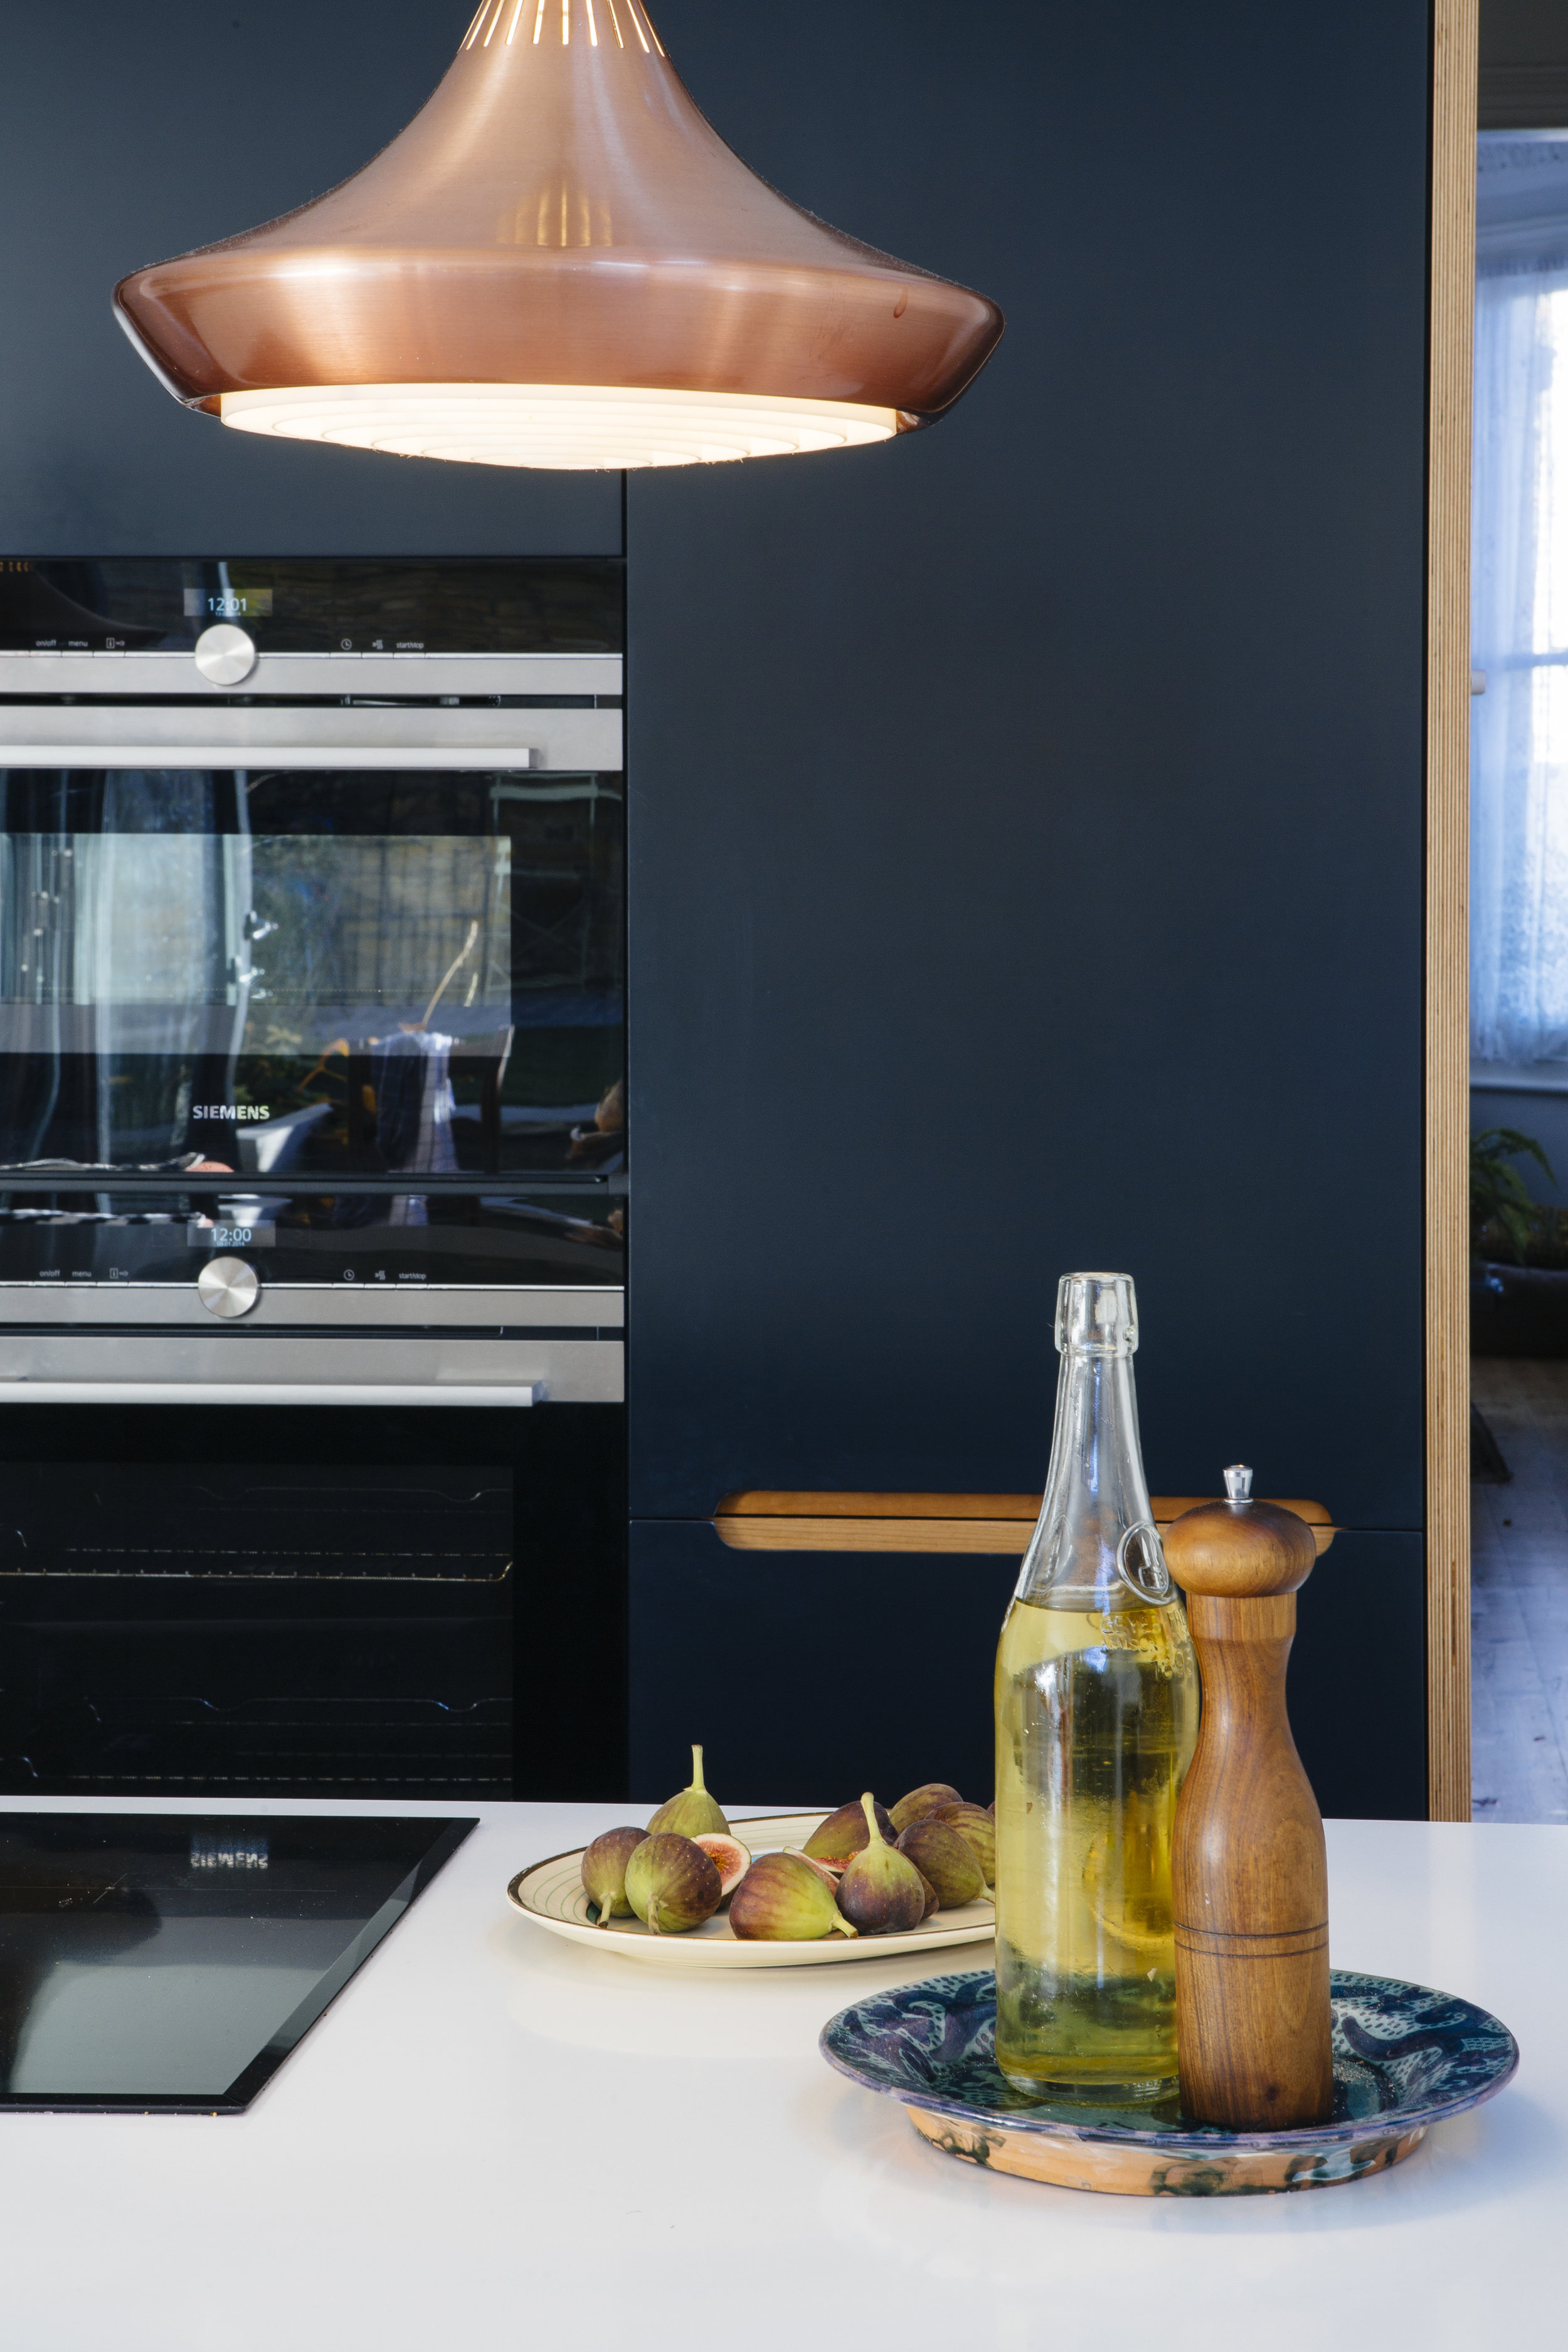 blue wood kitchen doors, matt finish, brass lamp, modern design, london